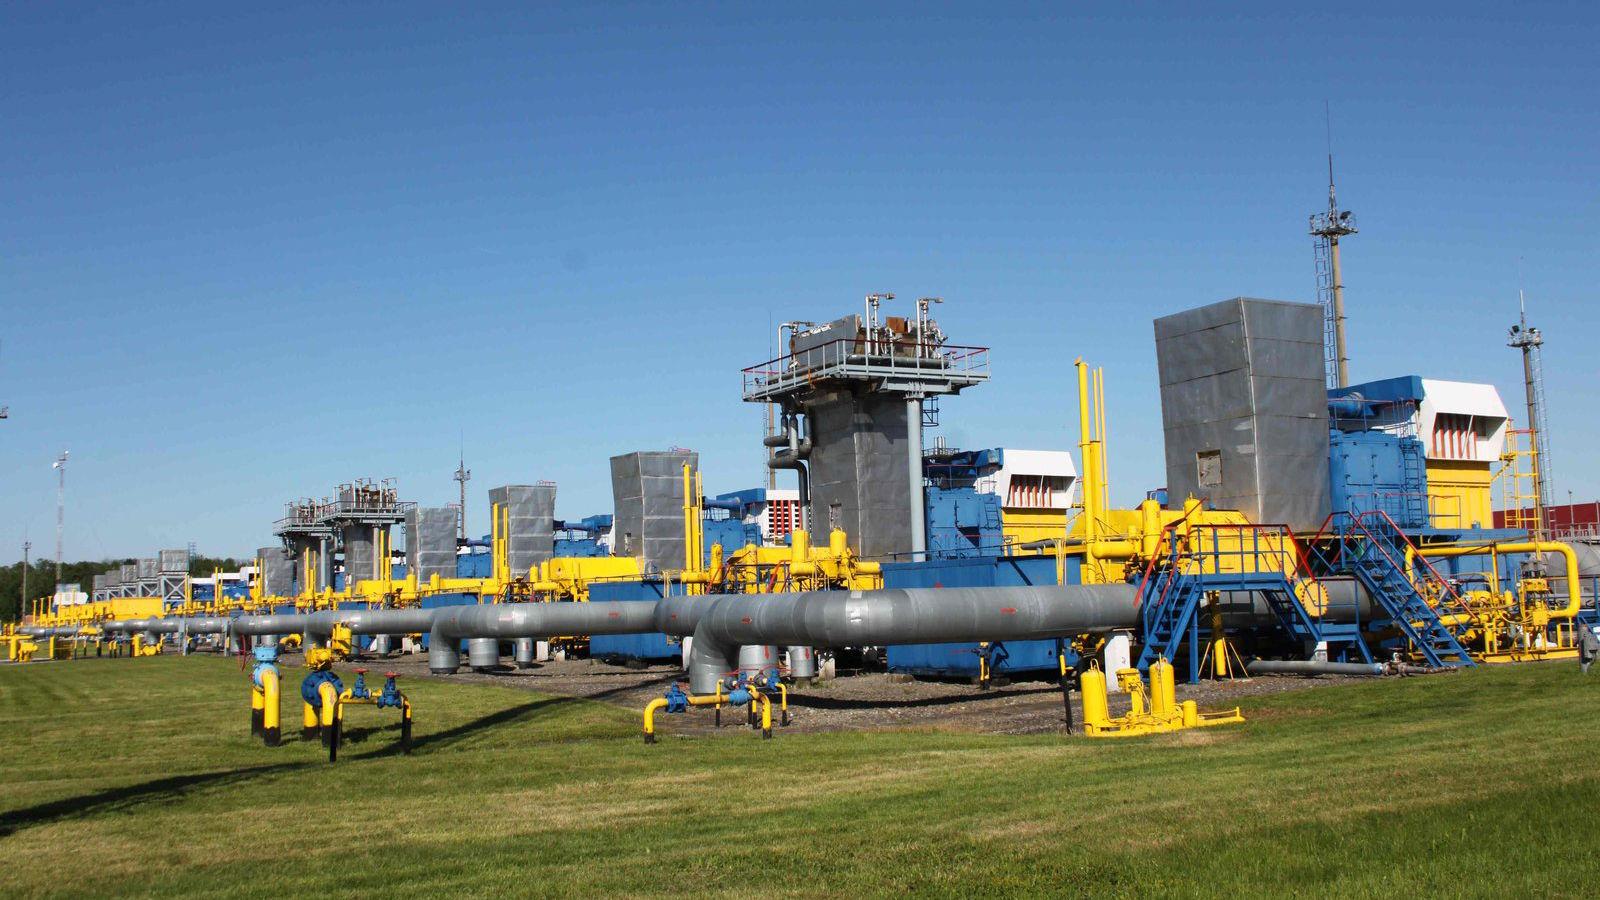 СМИ: Украина нуждается в дополнительной закупке еще 4 млрд куб. м газа на зиму